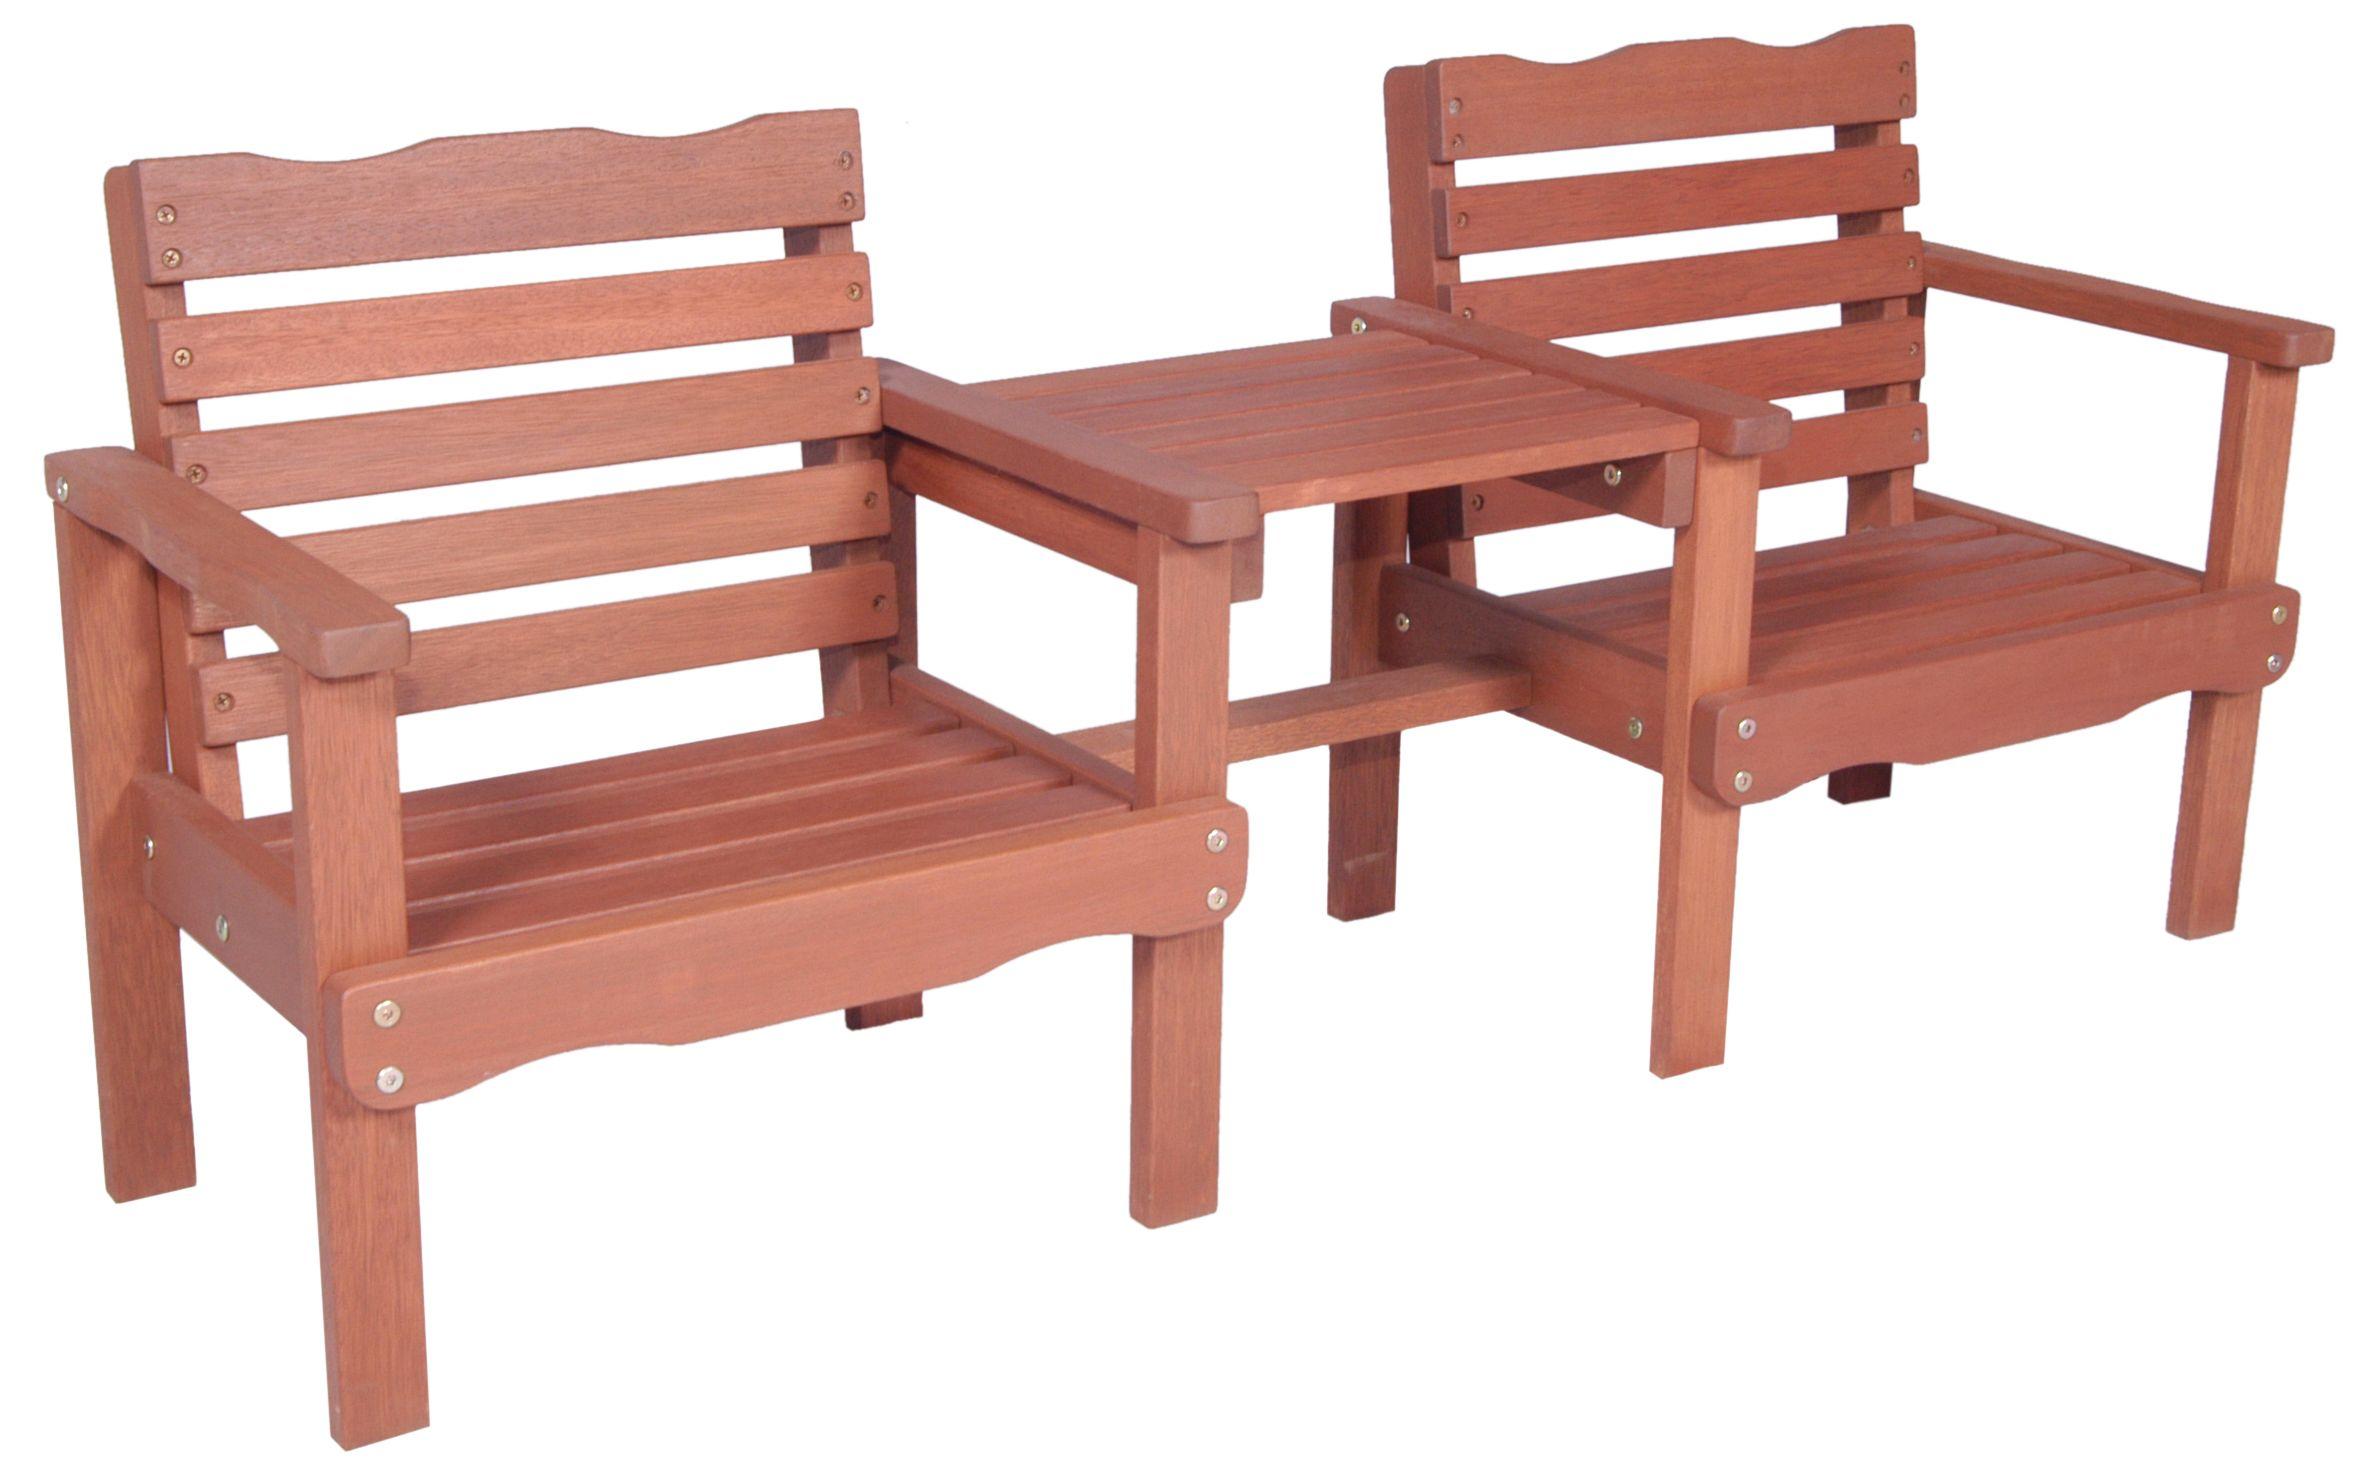 wooden patio chairs images pixelmari com Wooden Patio Chairs Home Depot Wooden Patio Chairs Home Depot